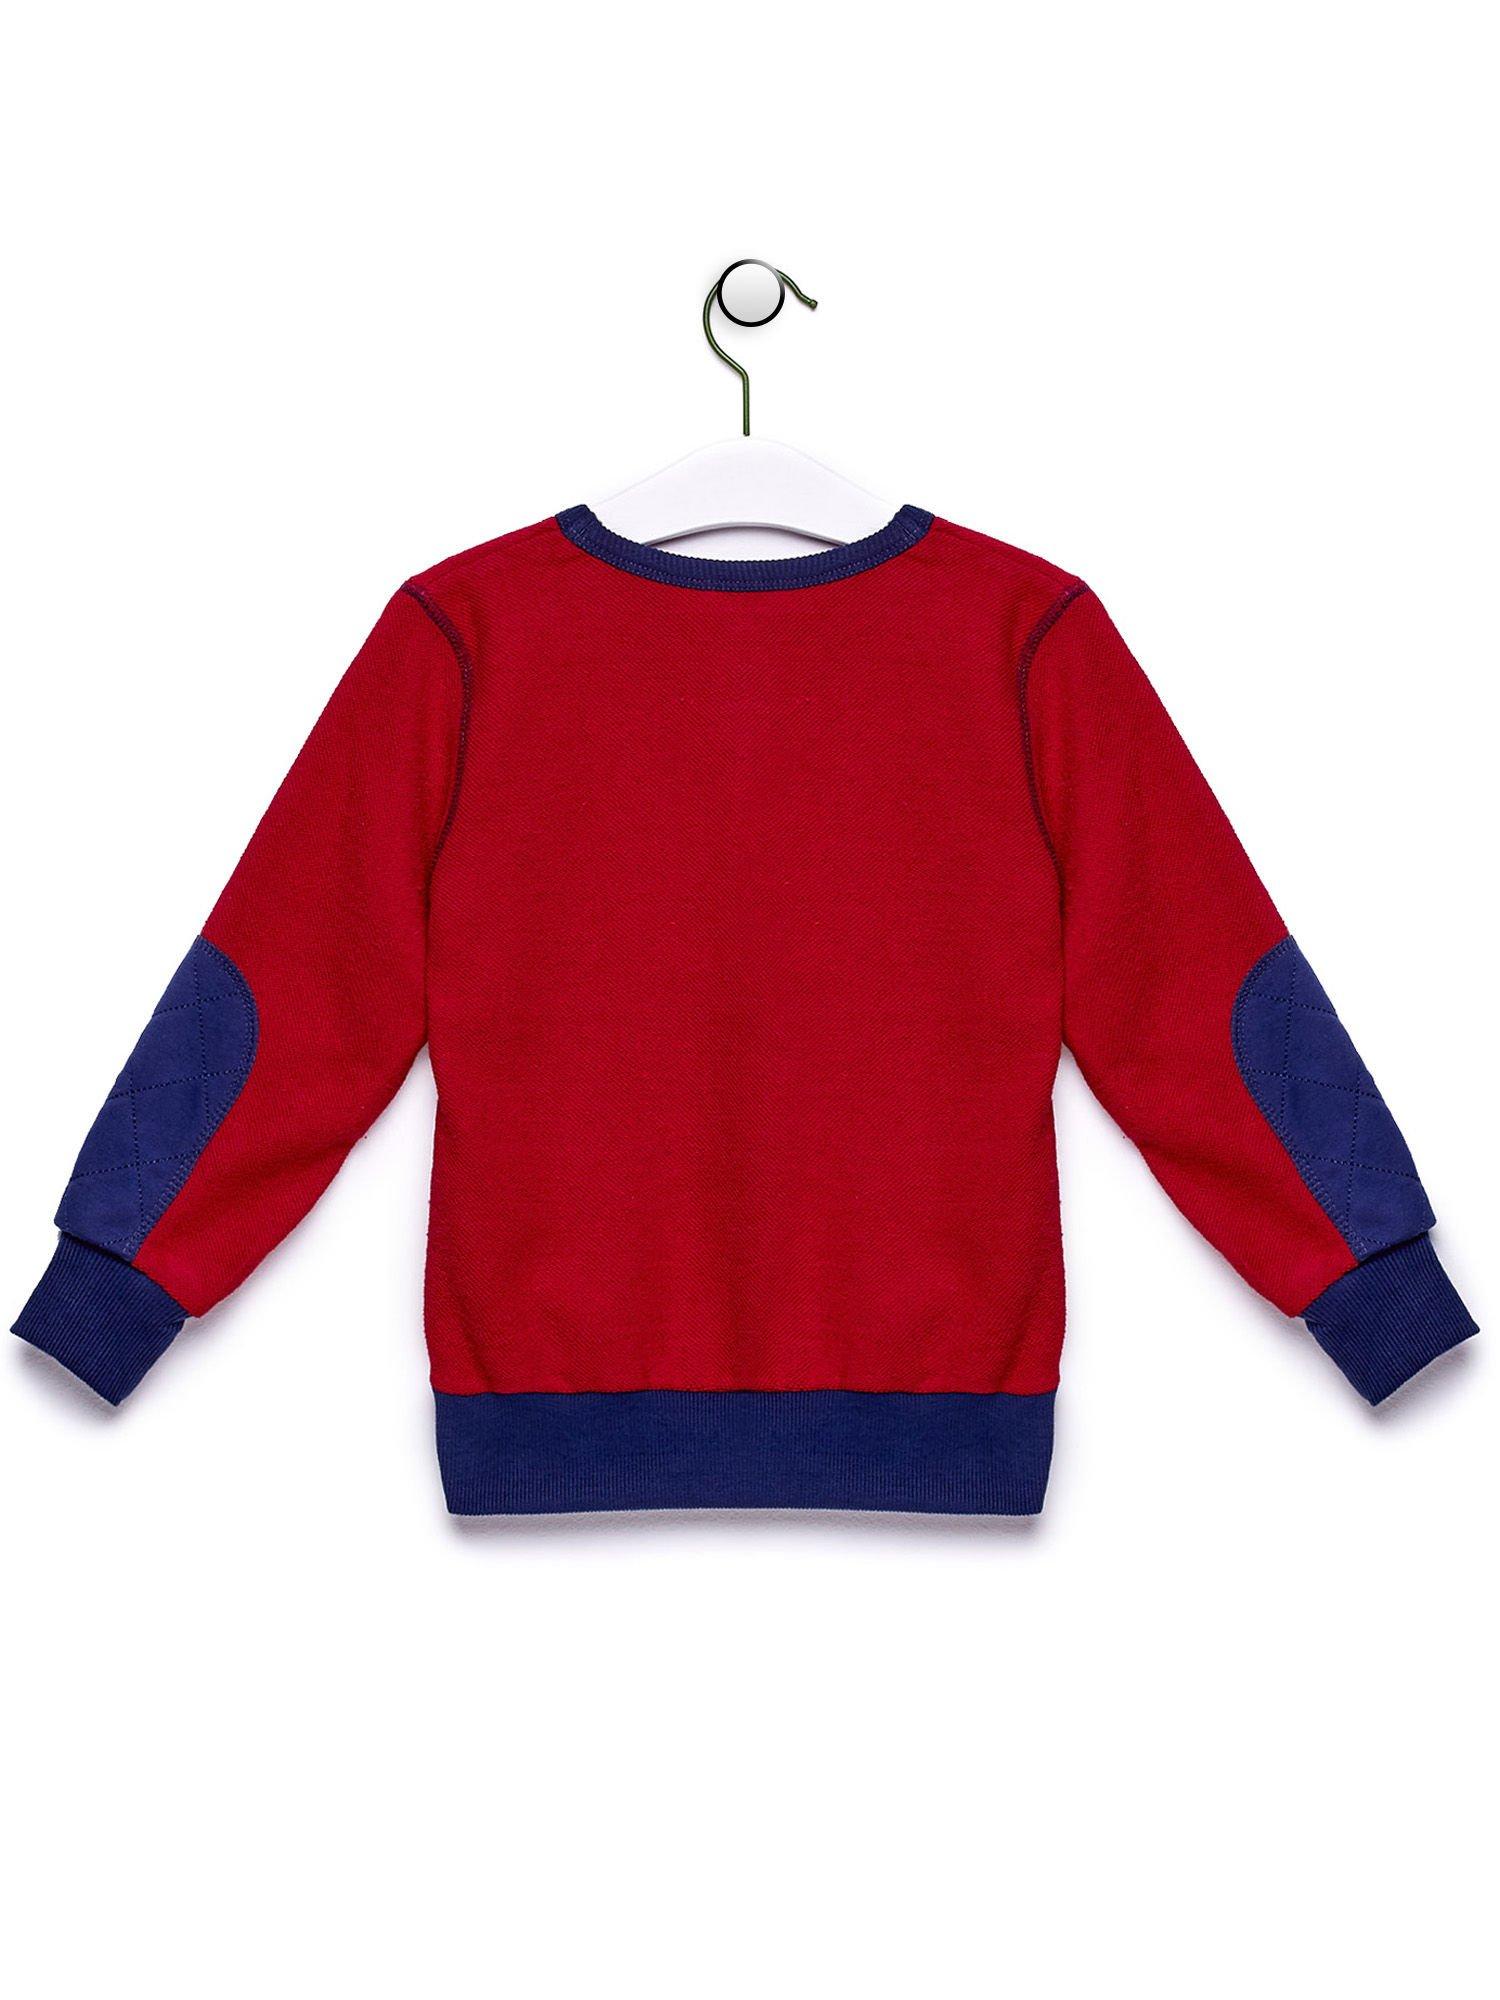 Czerwona bluza chłopięca z baseballowym nadrukiem